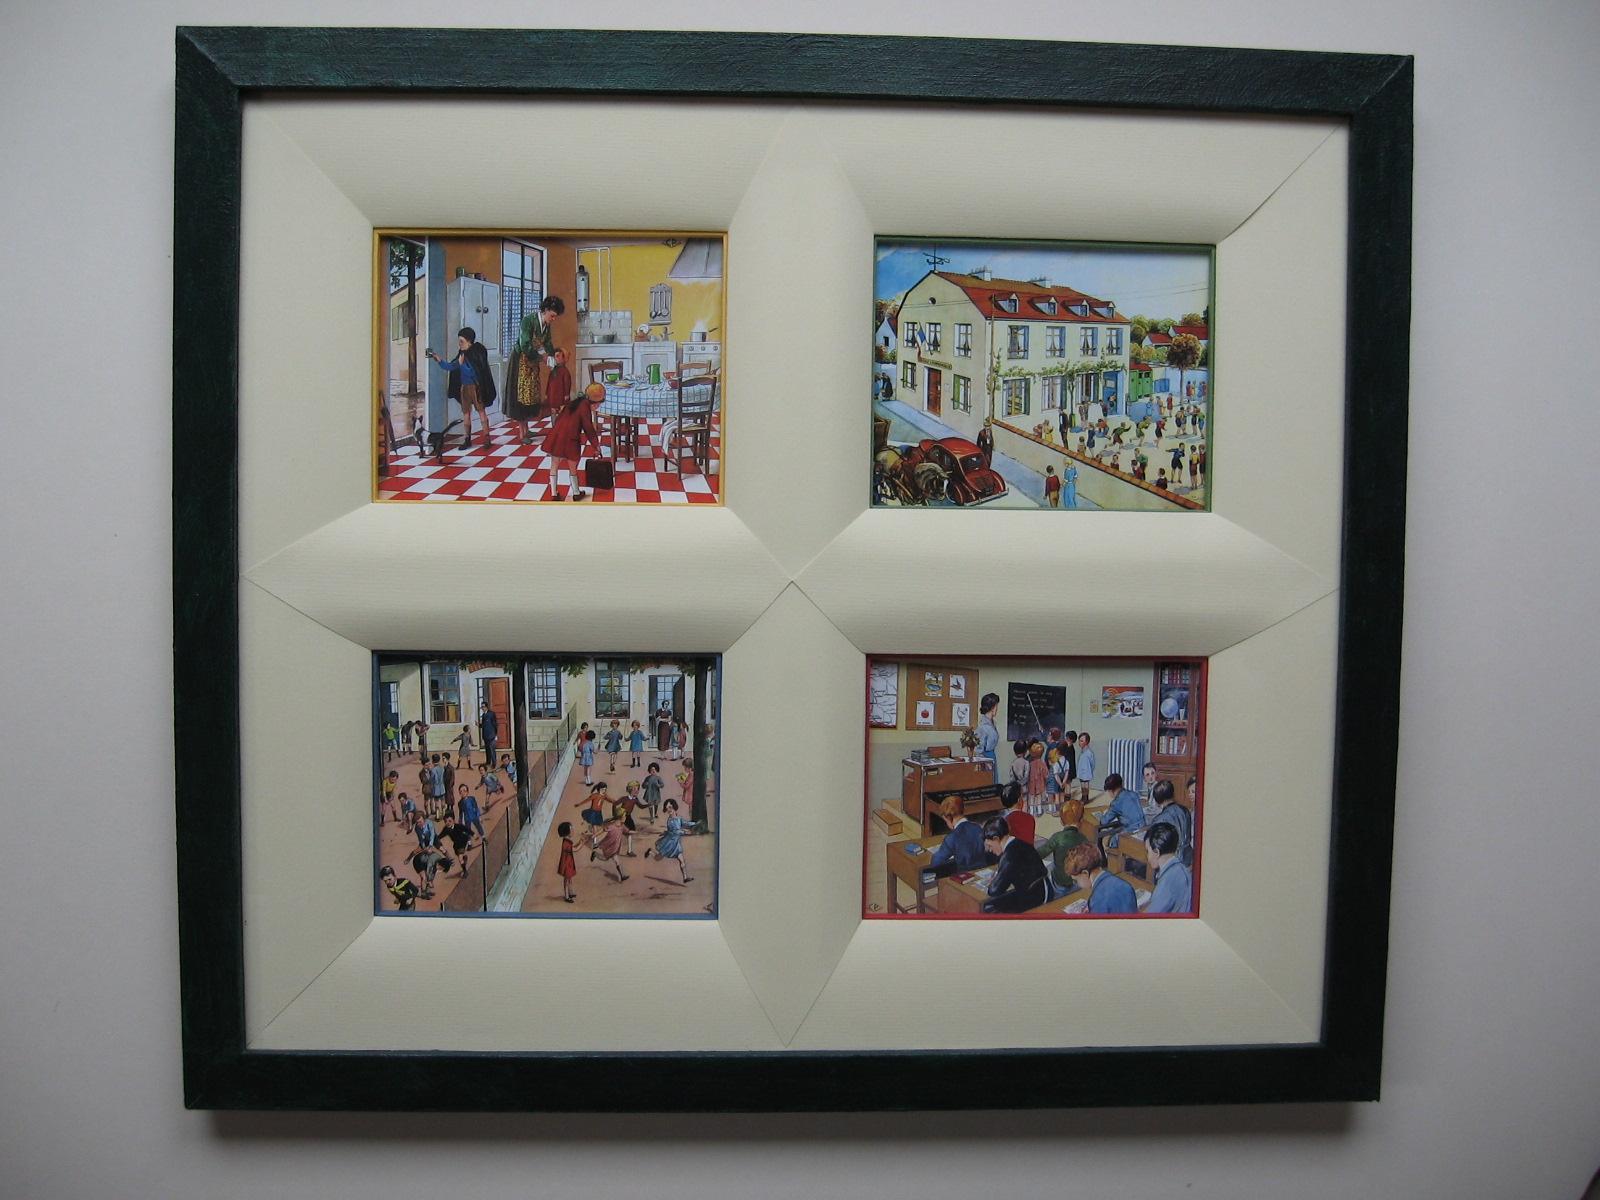 Les tout en carton d anne 2009 avril for Materiel encadrement tableaux